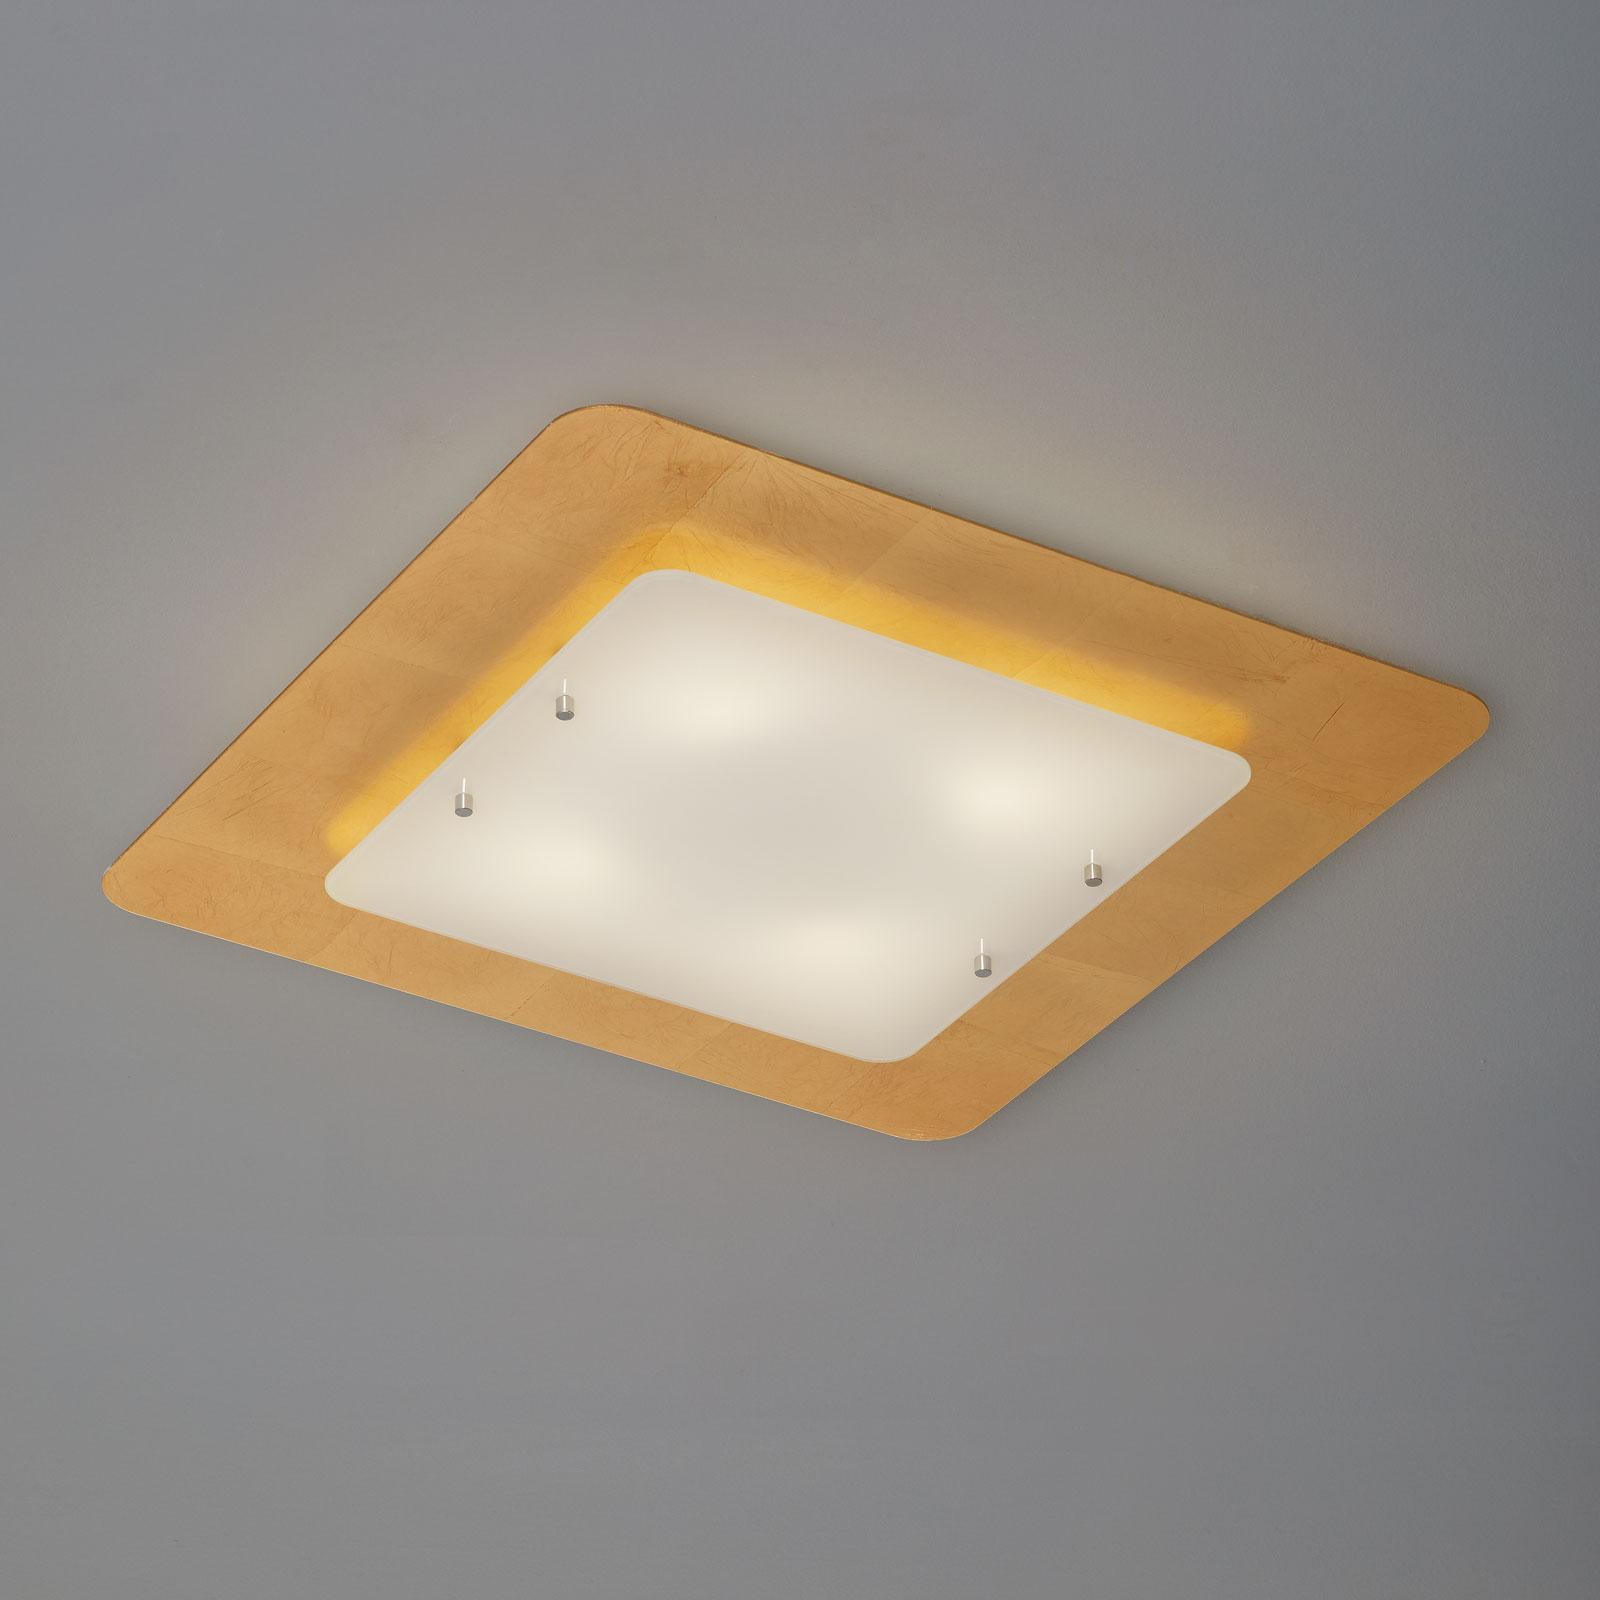 Pop-Up loftlampe med ramme i bladguld, 60 x 60 cm